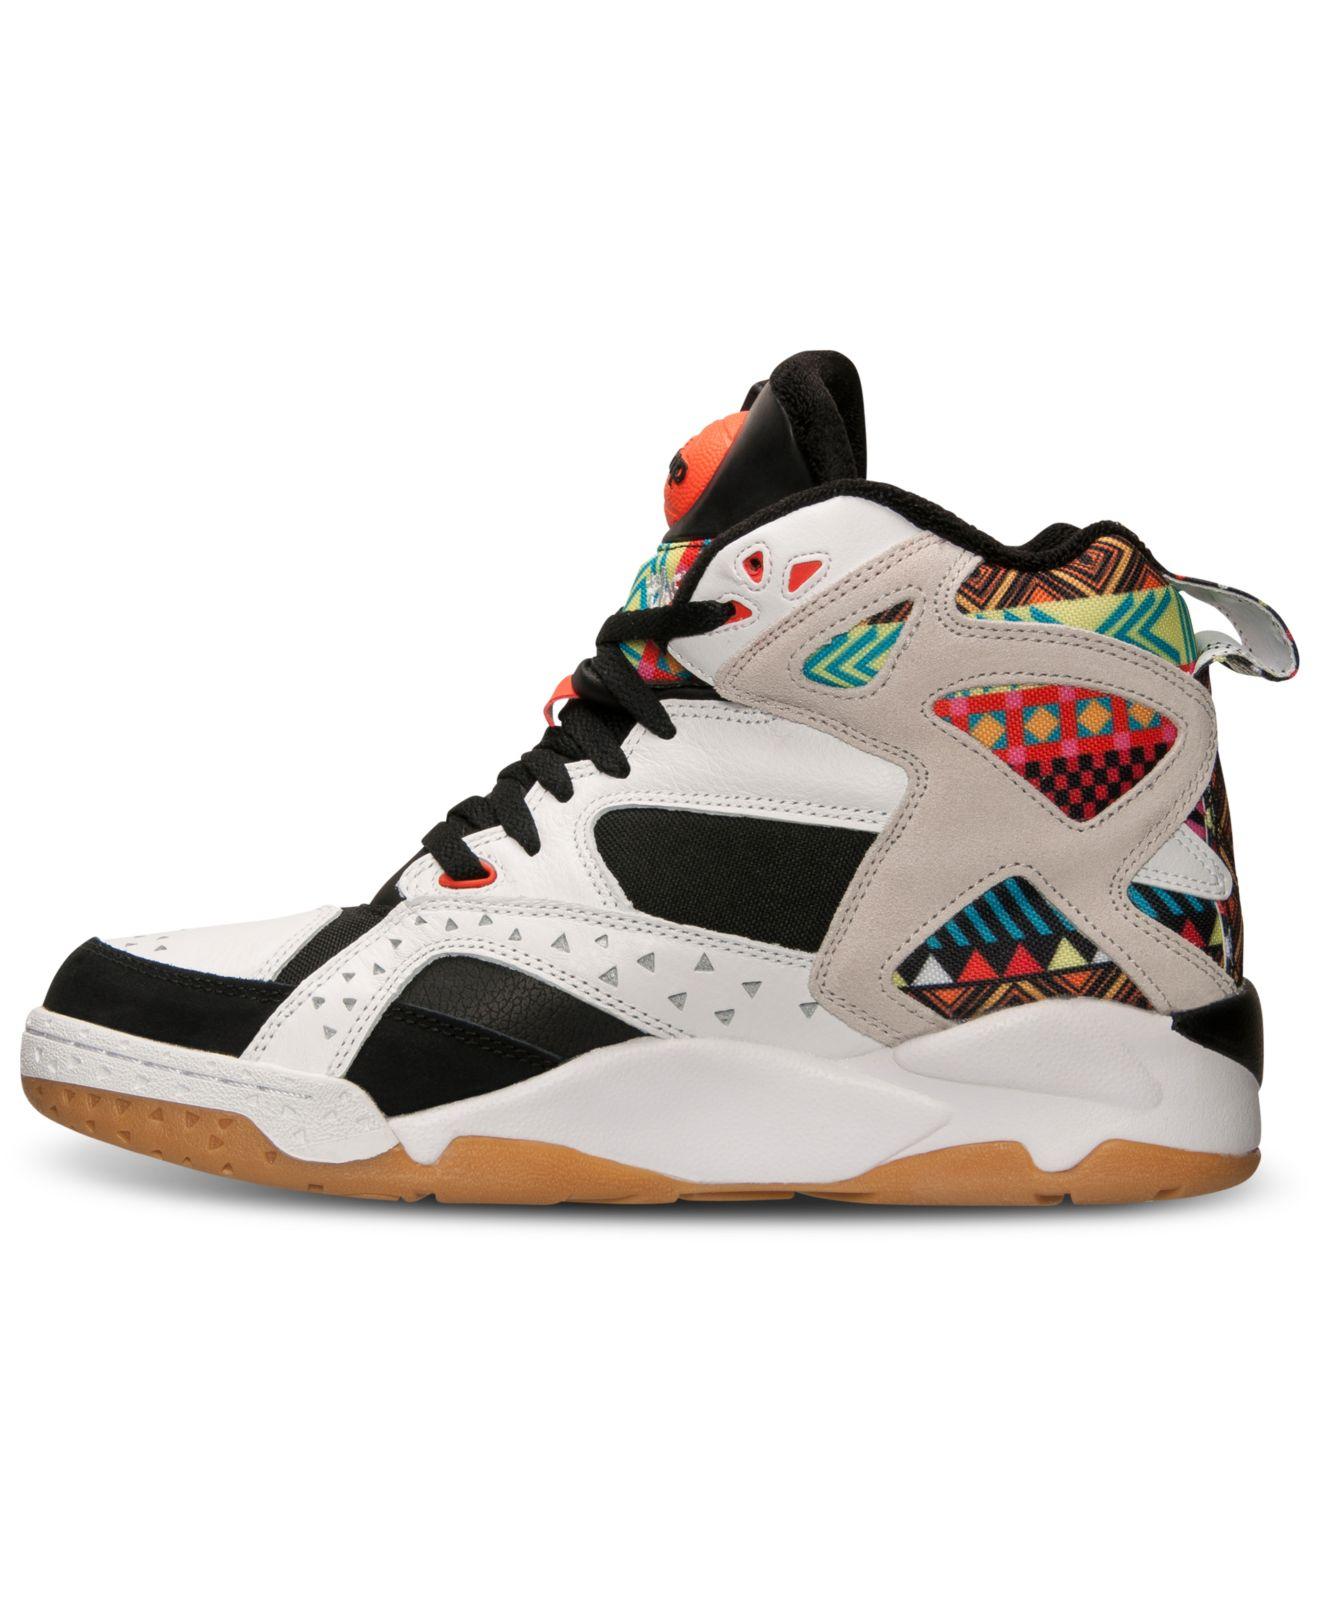 e1890fd4b63 Lyst - Reebok Mens Blacktop Battleground Basketball Sneakers From ...